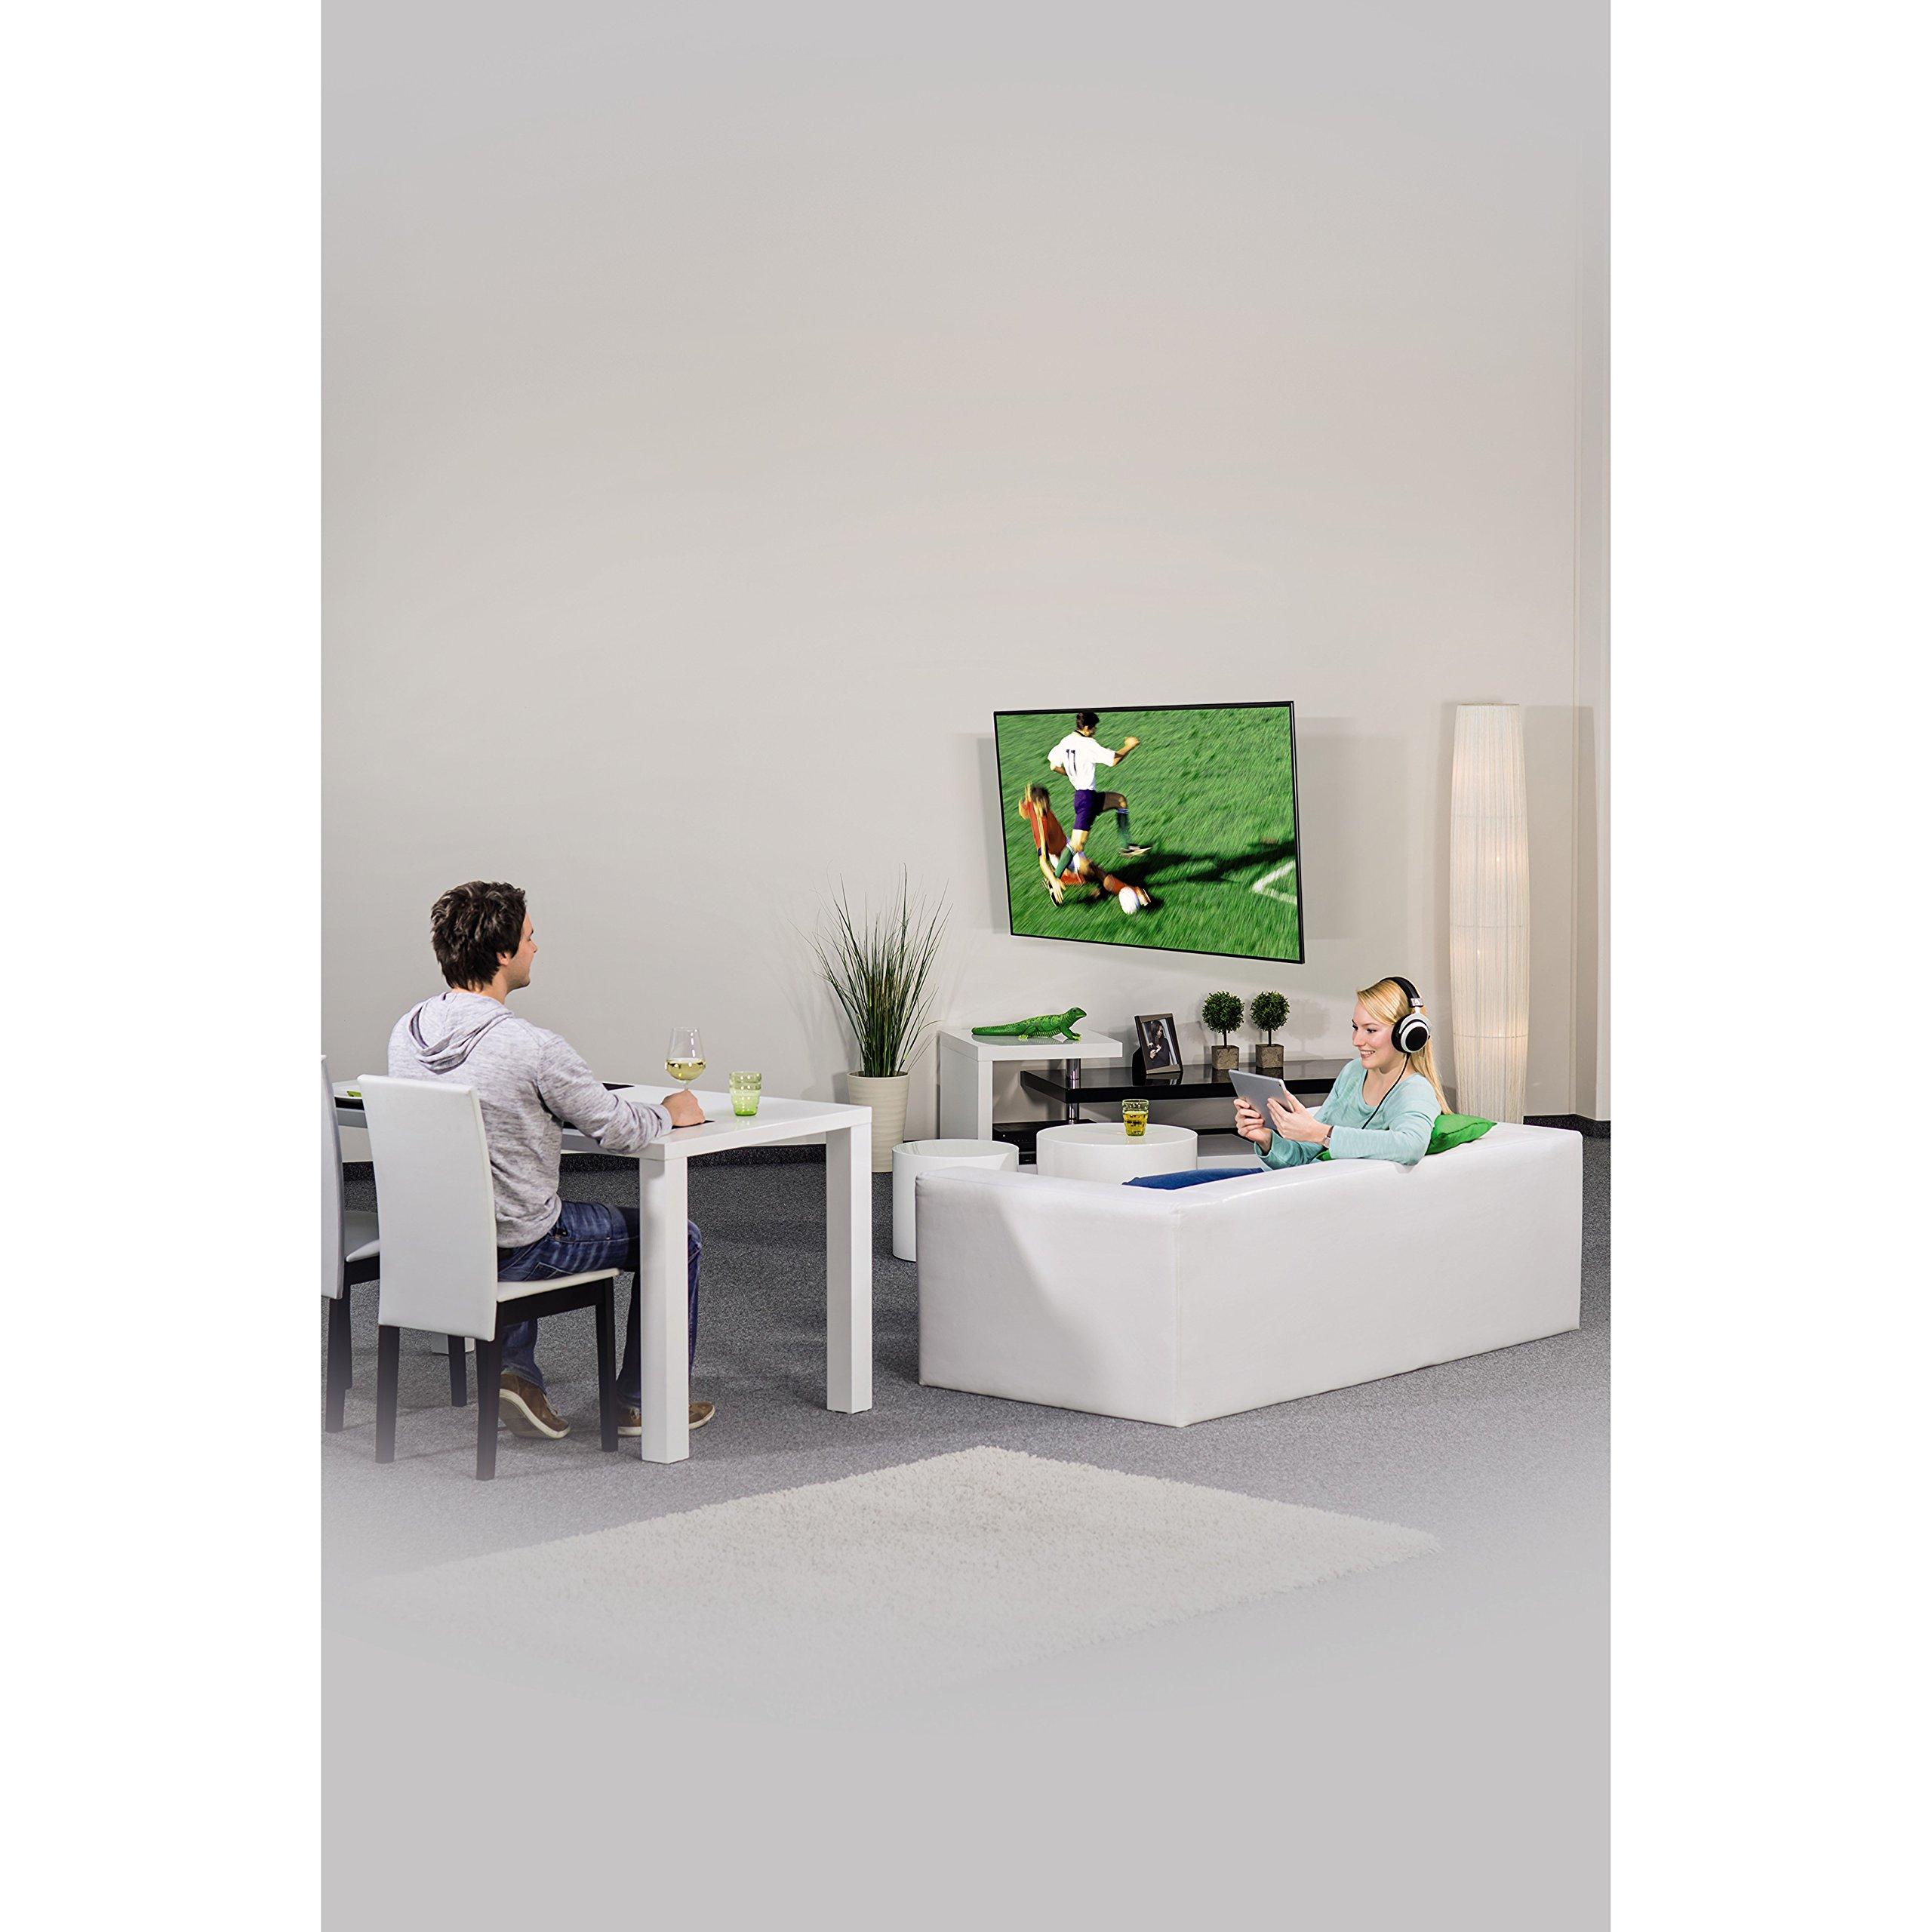 Hama 118619 - Soporte de pared para televisores, para diagonales de pantalla de 81-165 cm (32-65